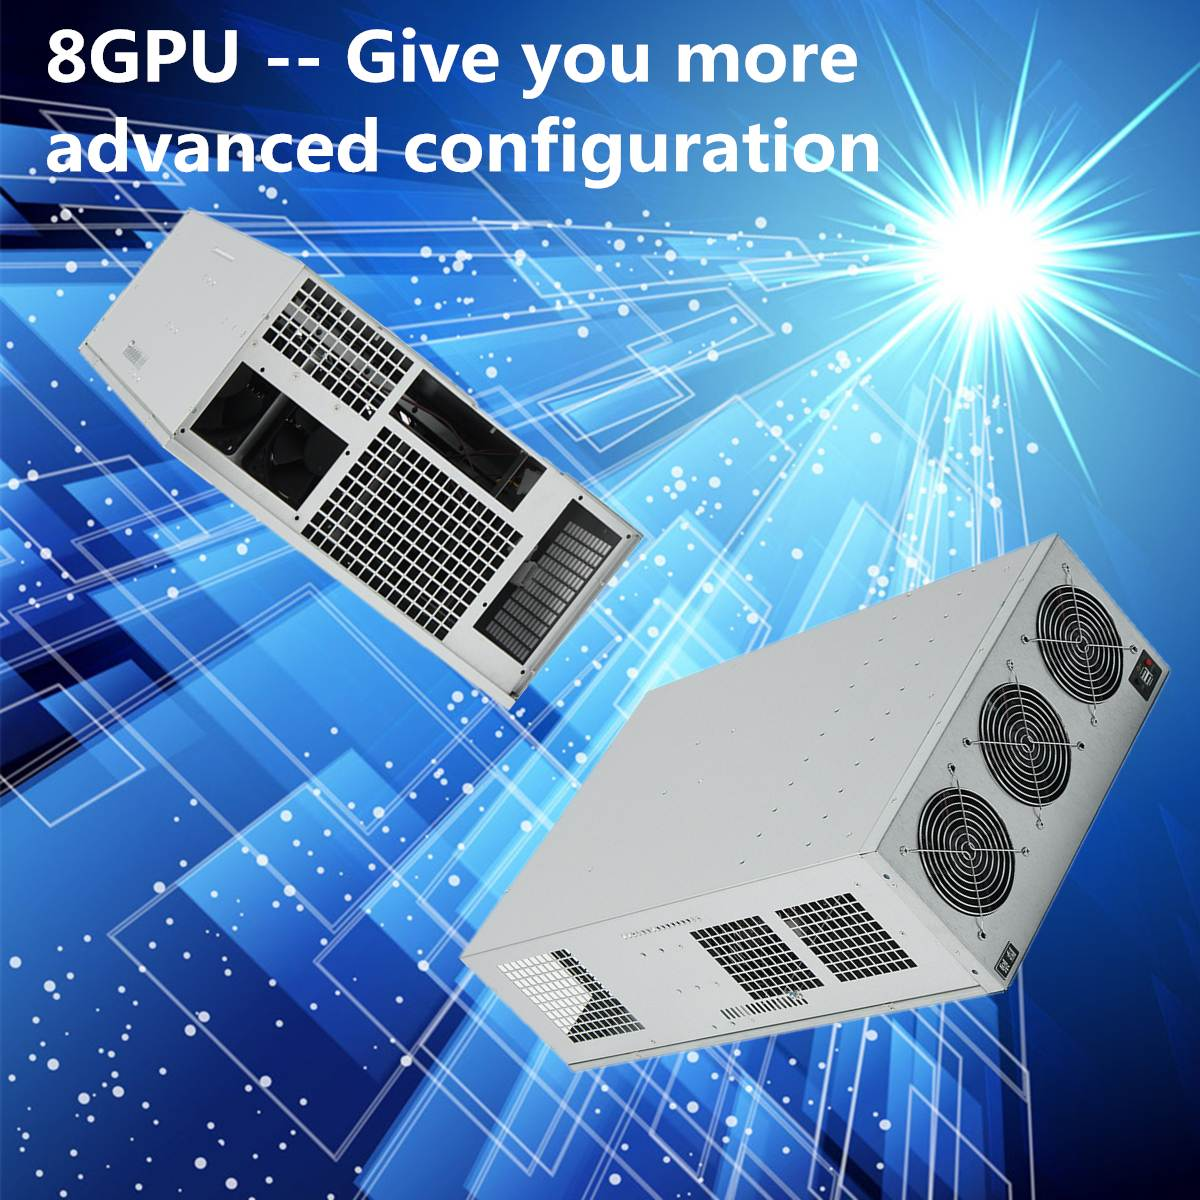 670x430x177 мм стекируемые 8U глубокий сервер чехол открыть горного воздуха Рамки Rig Графика secc USB для 8 GPU Eth btc Эфириума Шахтер машина